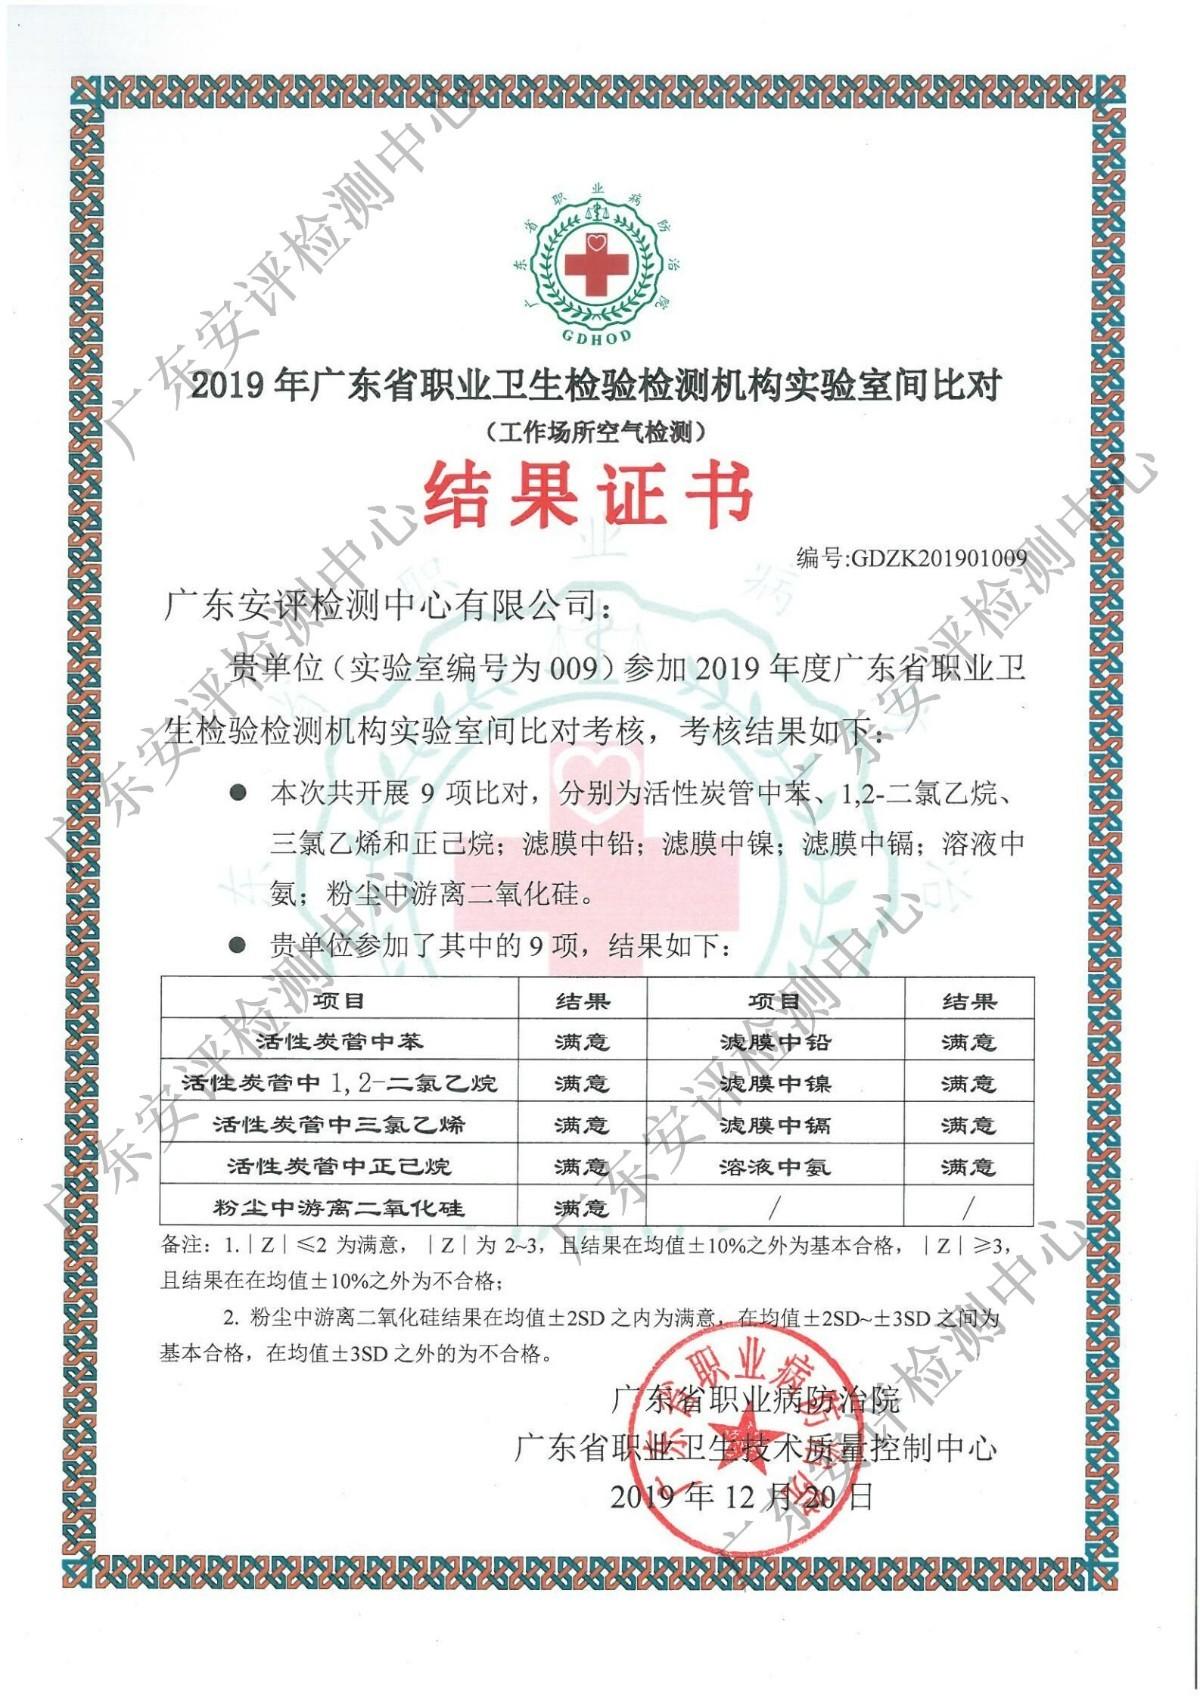 2019年广东省职业卫生检验检测机构实验室间比对结果证书(1)_00.jpg